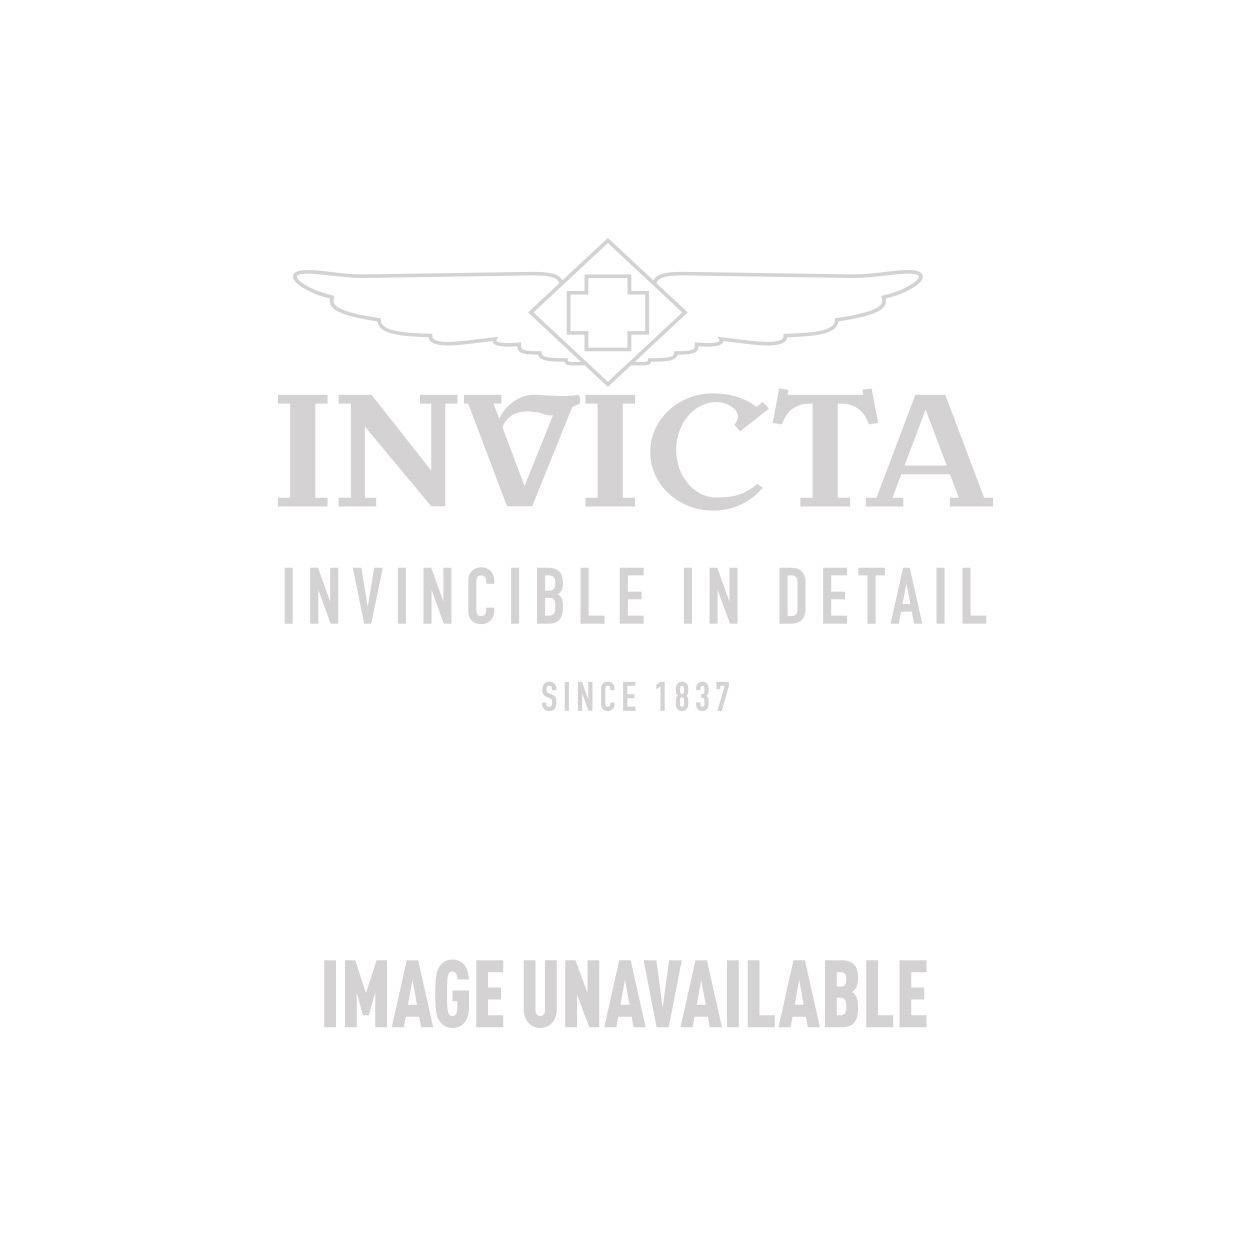 Invicta Model 28109